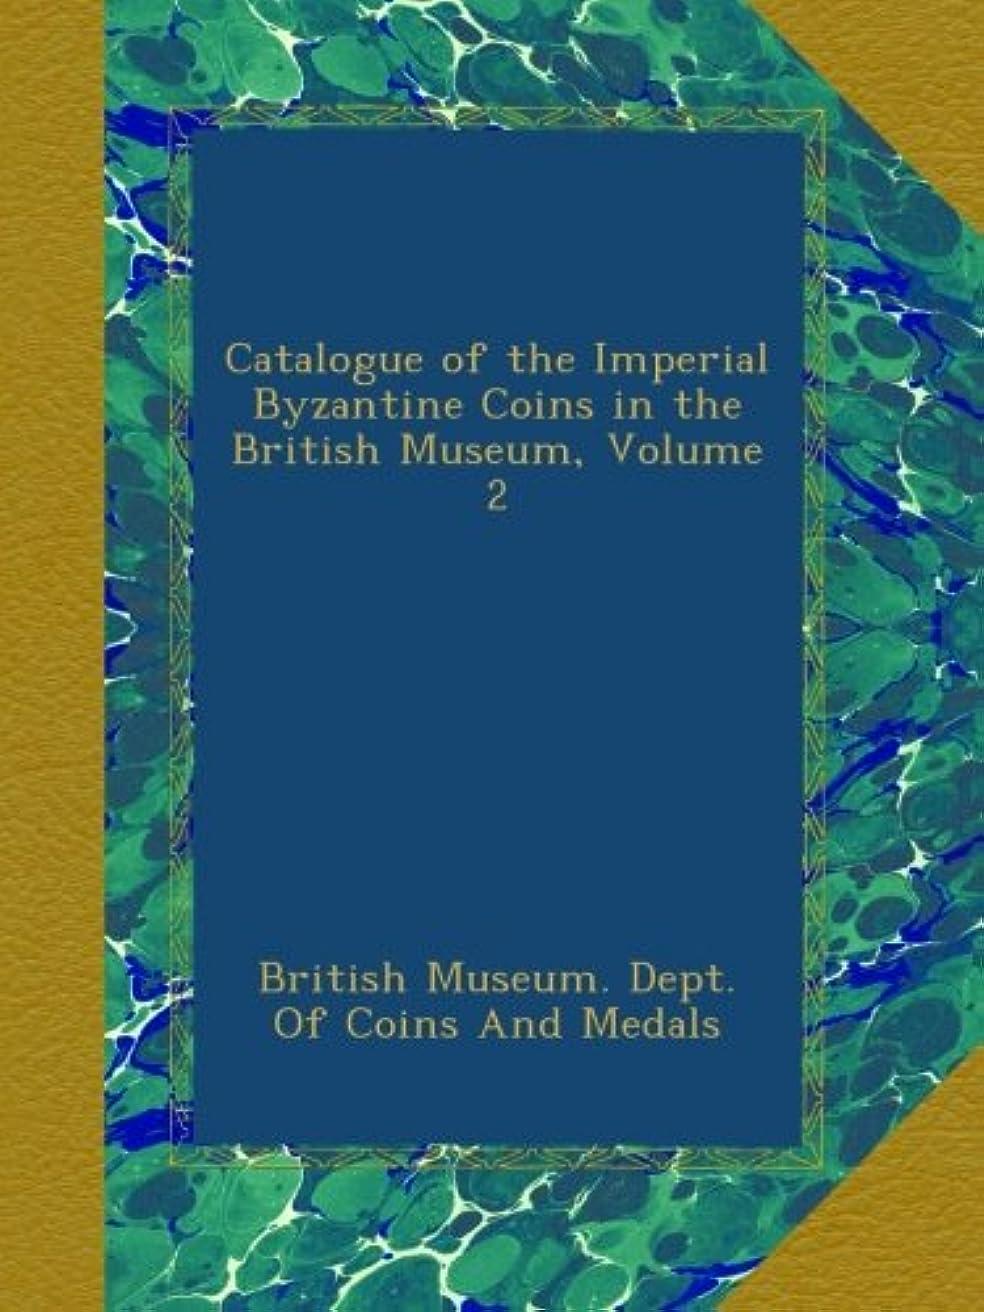 磁気既婚細部Catalogue of the Imperial Byzantine Coins in the British Museum, Volume 2